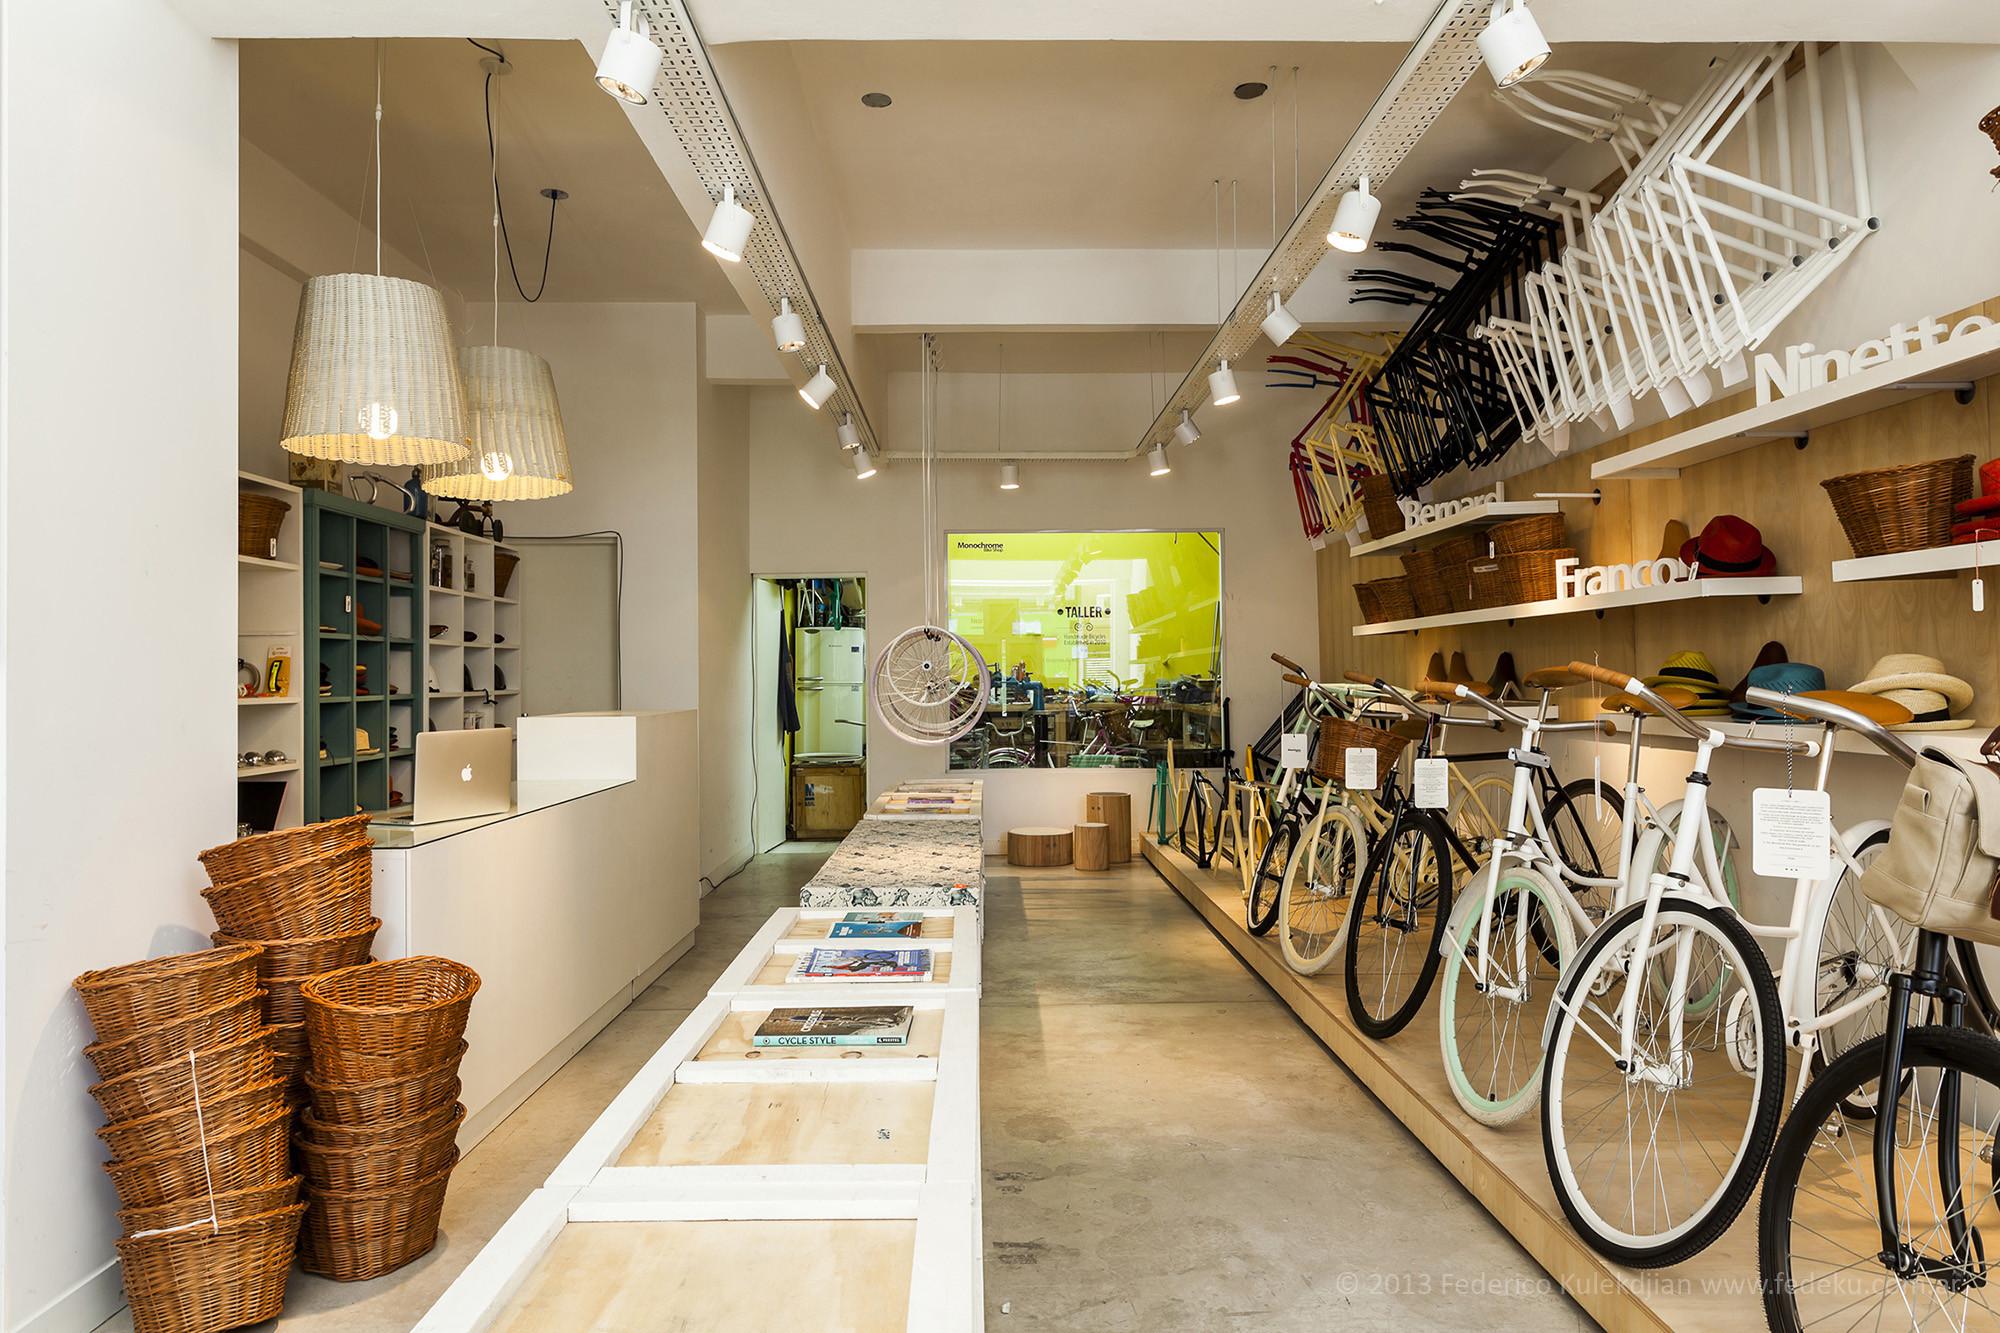 Monochrome bikes nidolab archdaily brasil for Bmx store